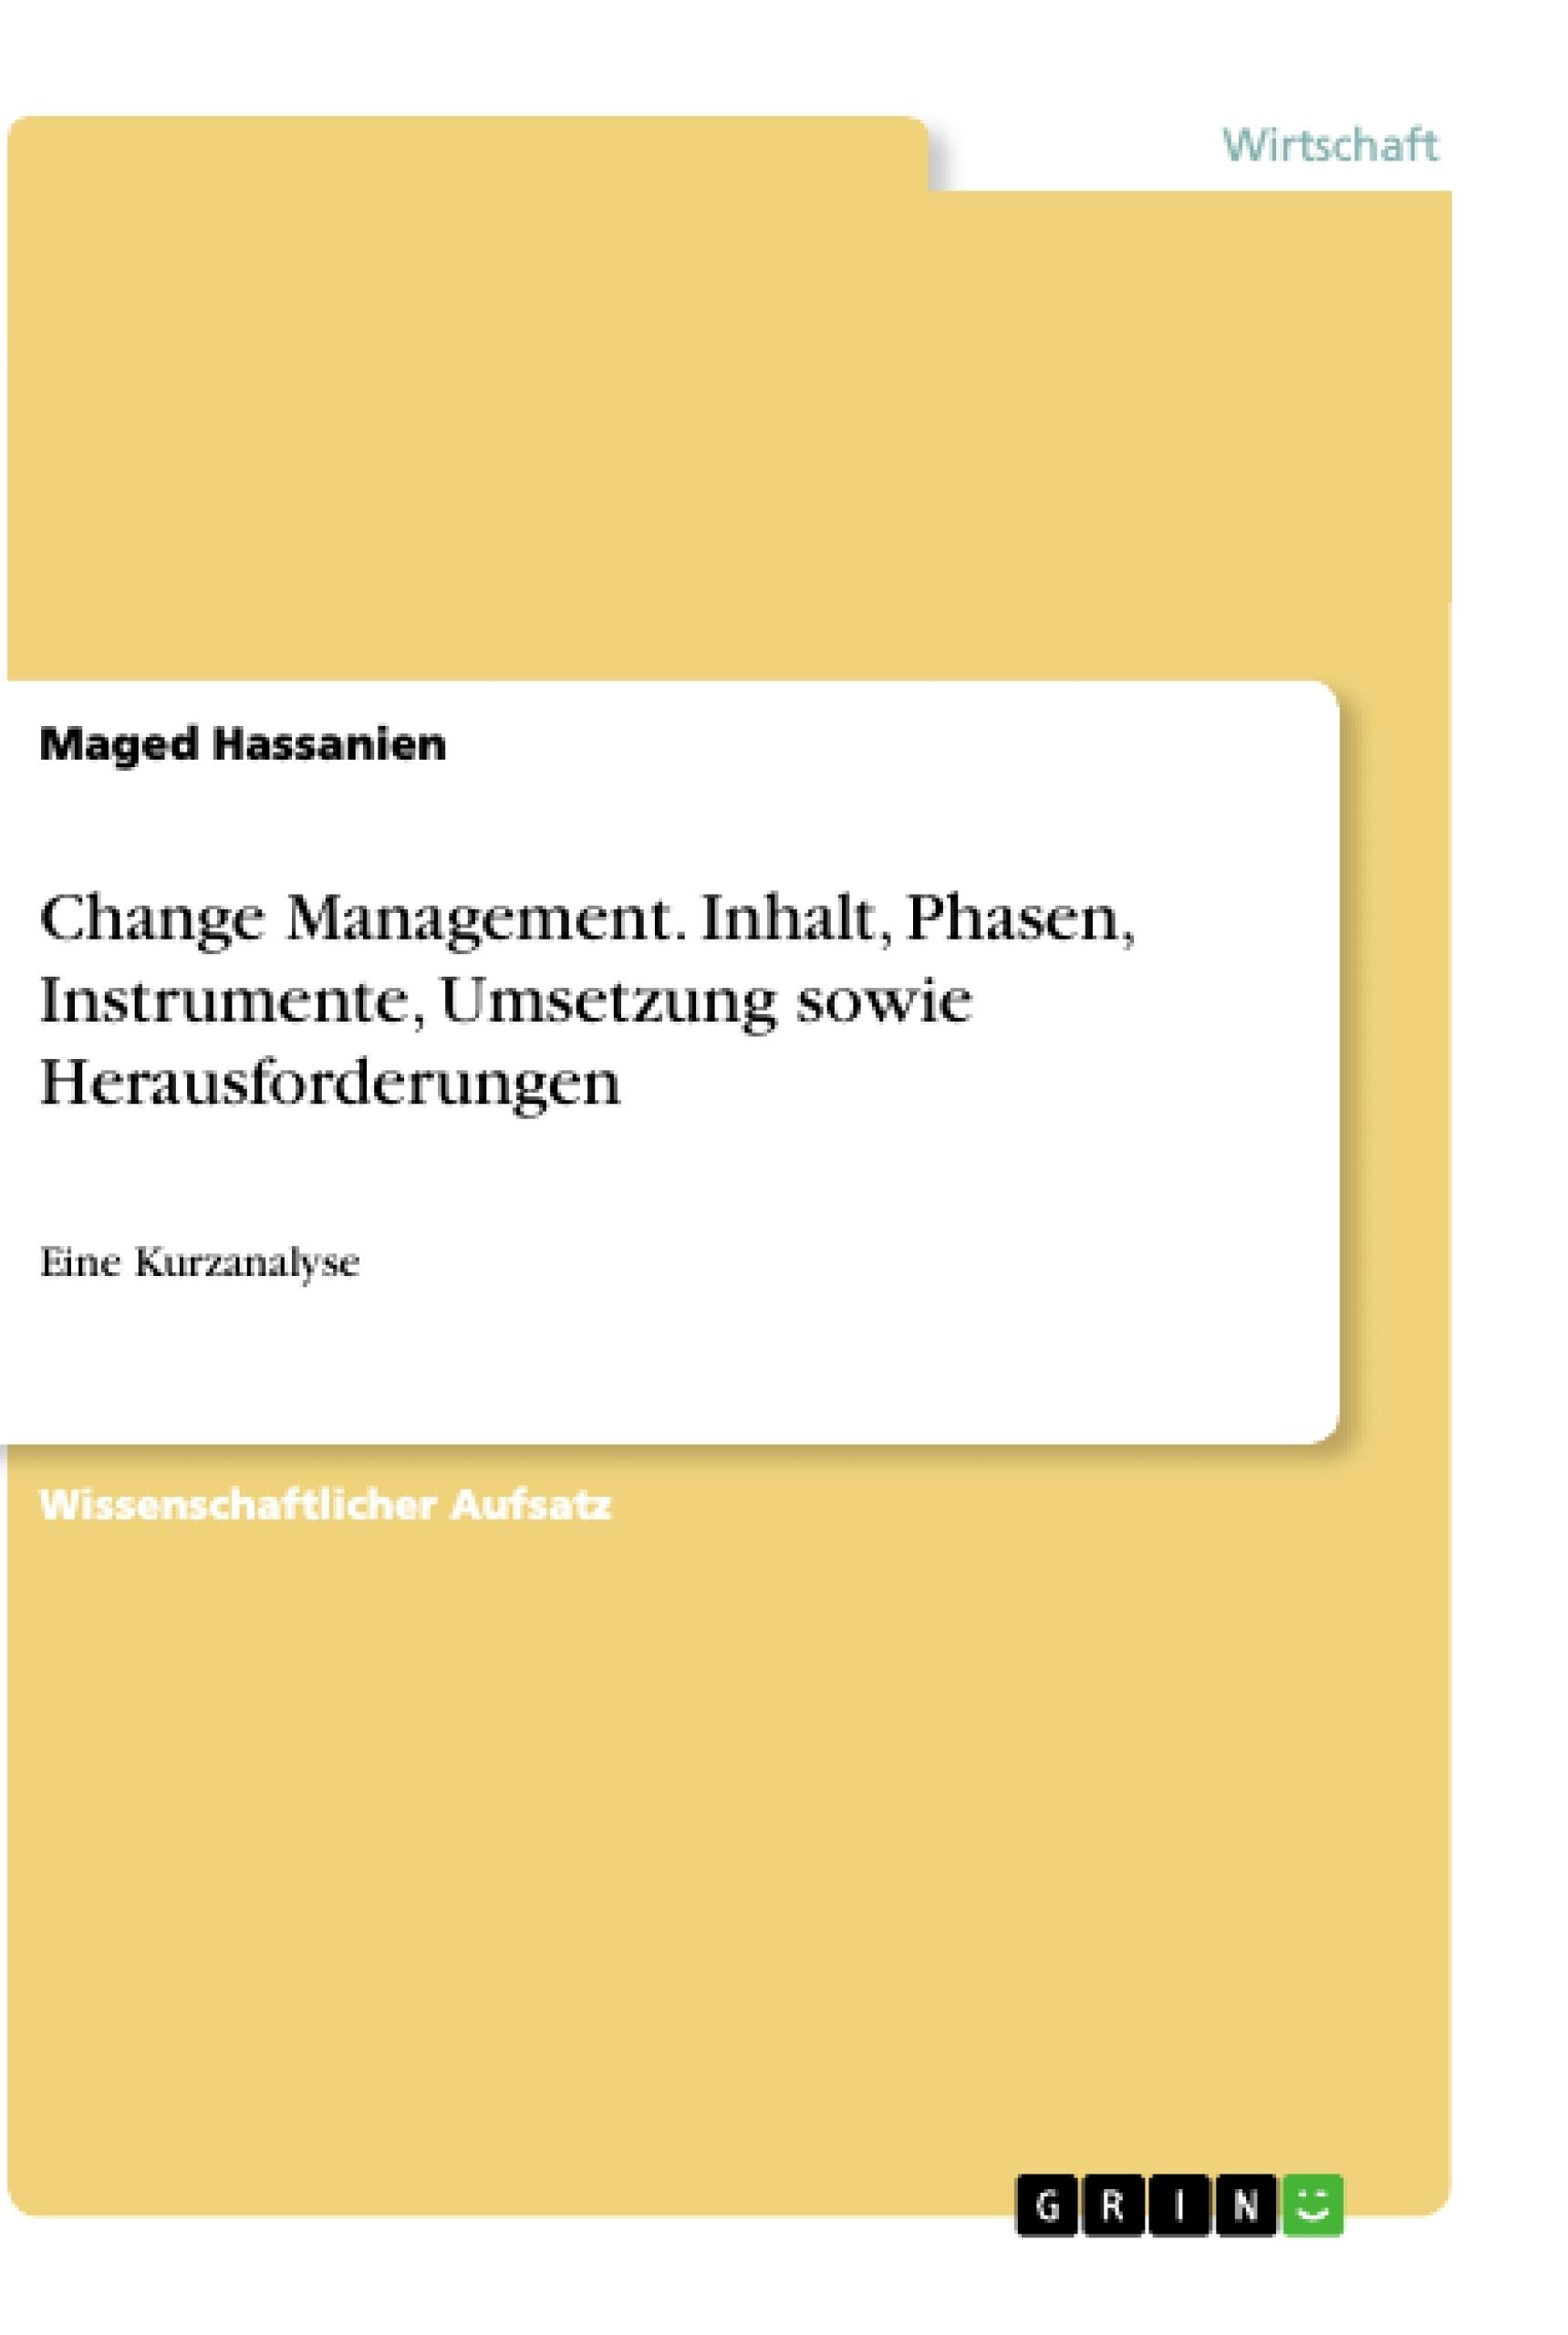 Titel: Change Management. Inhalt, Phasen, Instrumente, Umsetzung sowie Herausforderungen